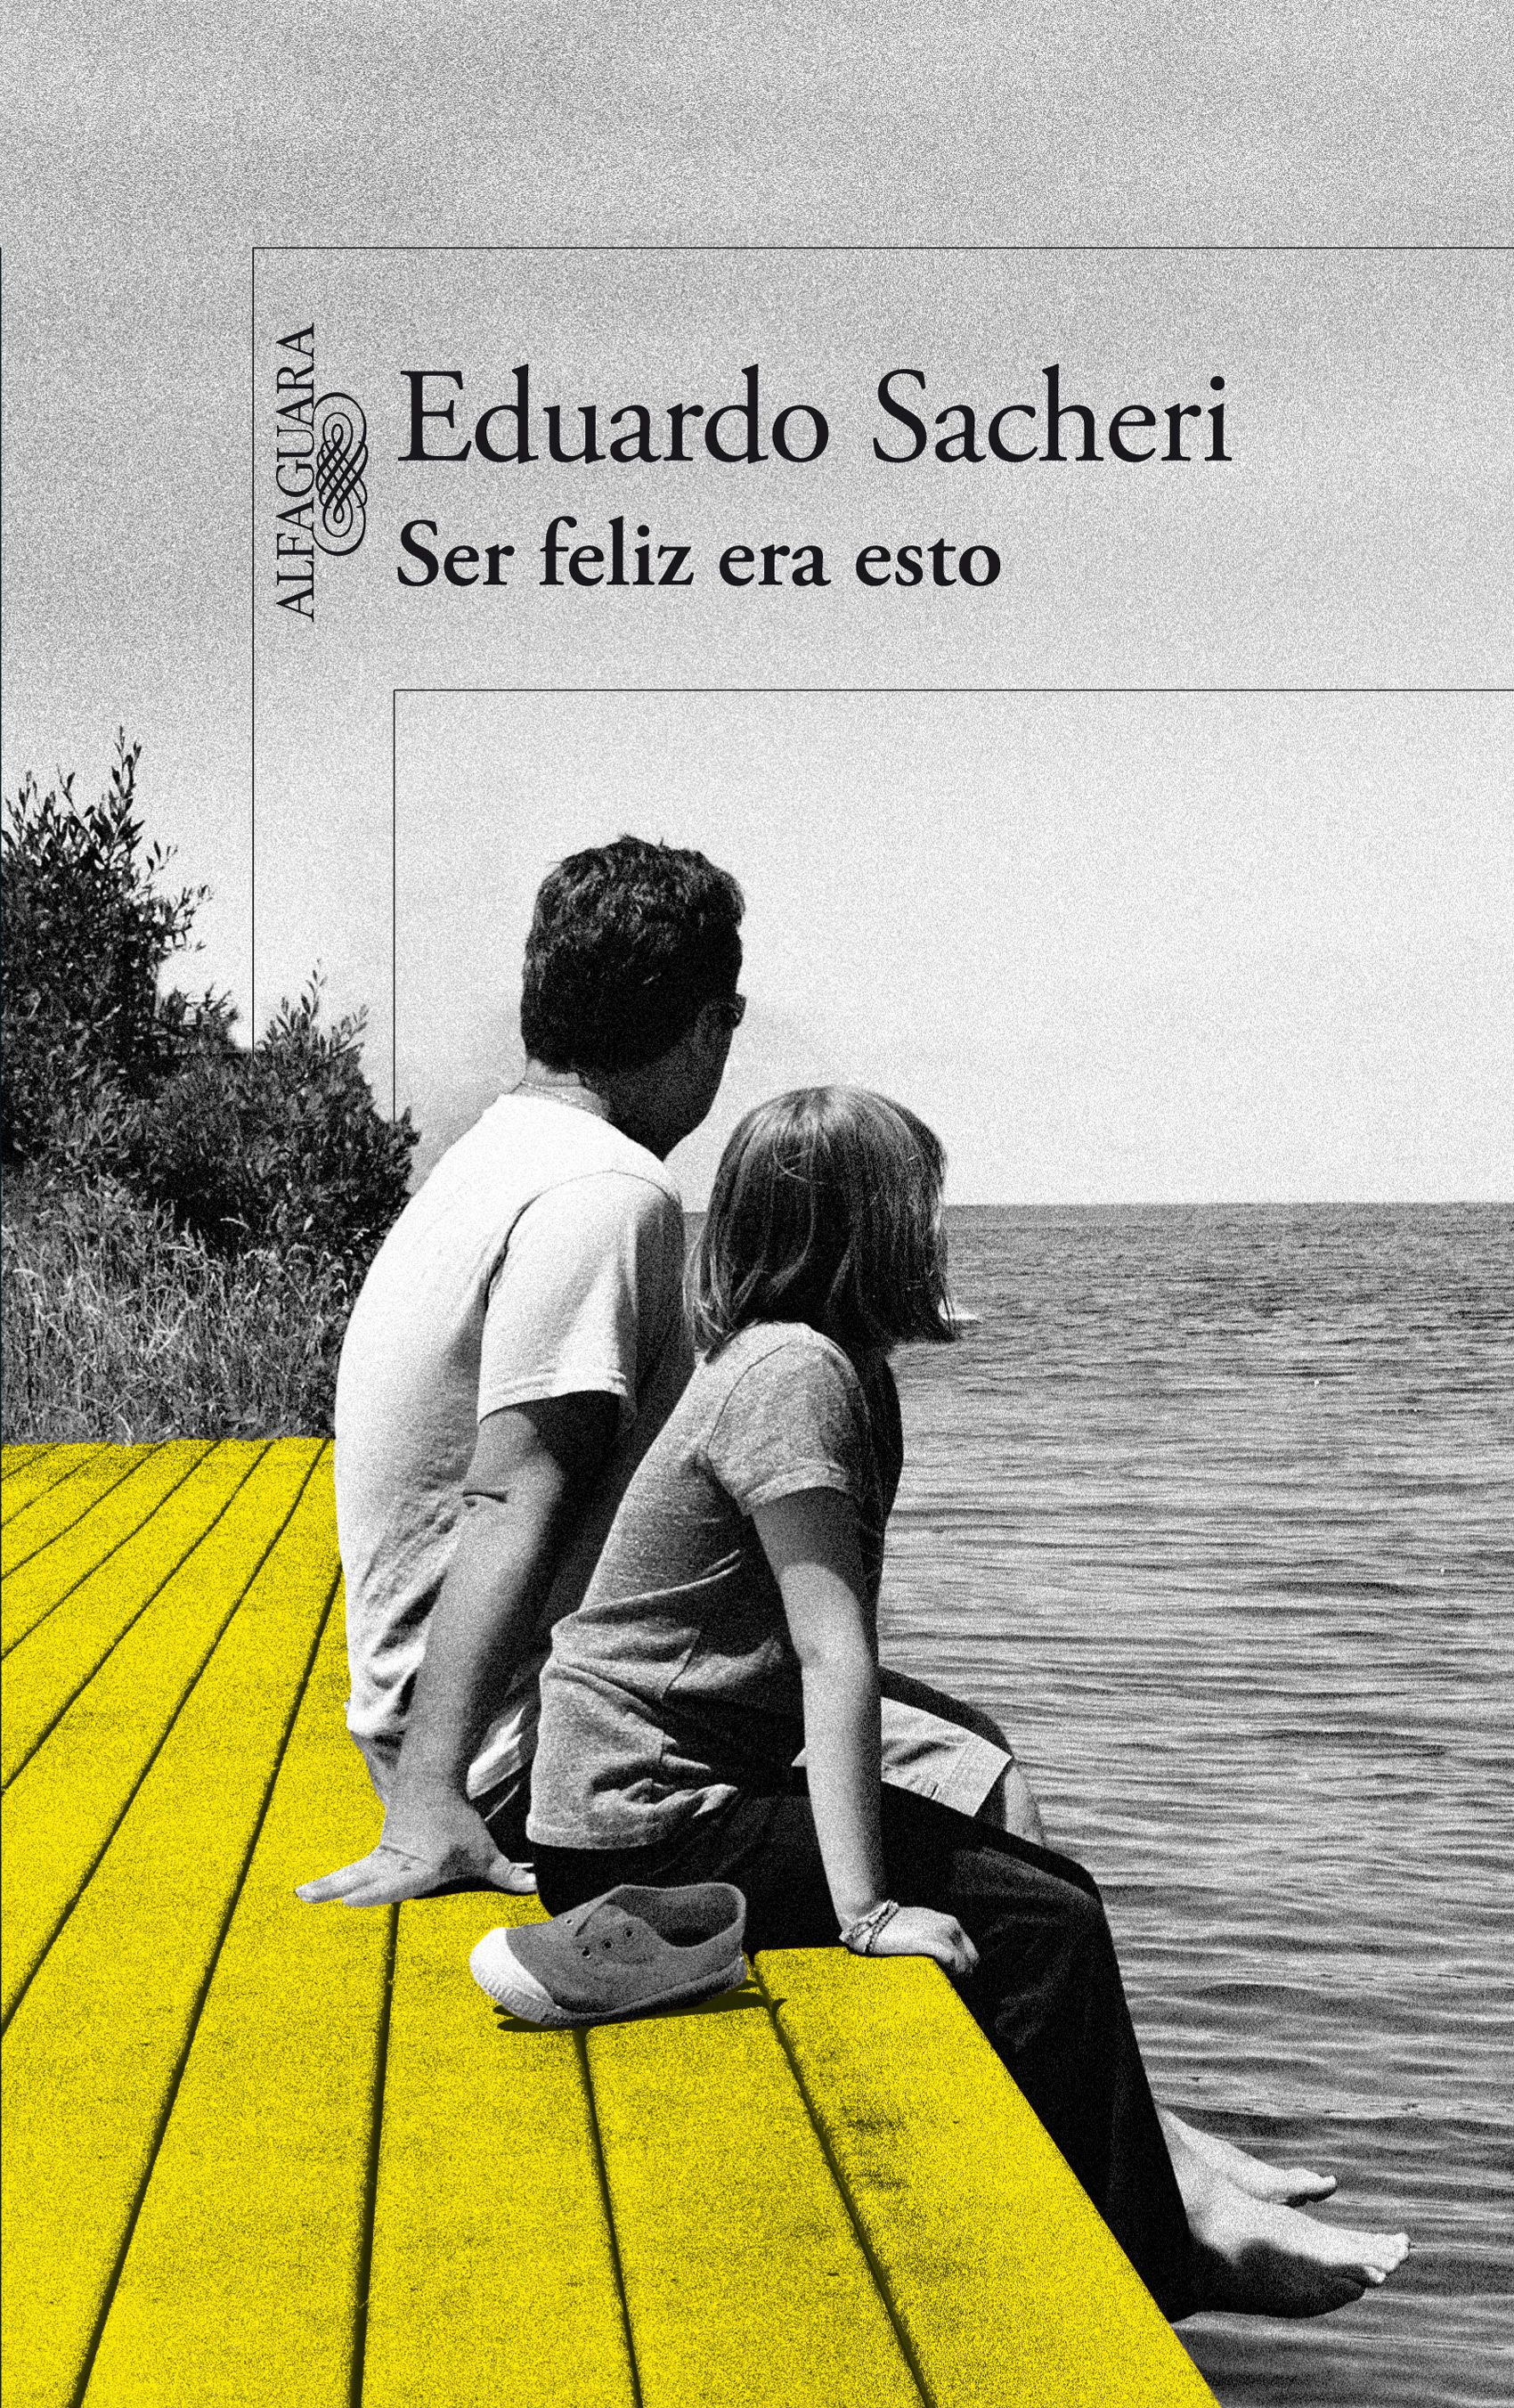 Ser Feliz Era Esto Ebook Eduardo Sacheri Descargar El Ebook Ser Feliz Libros Para Leer Libros Gratis